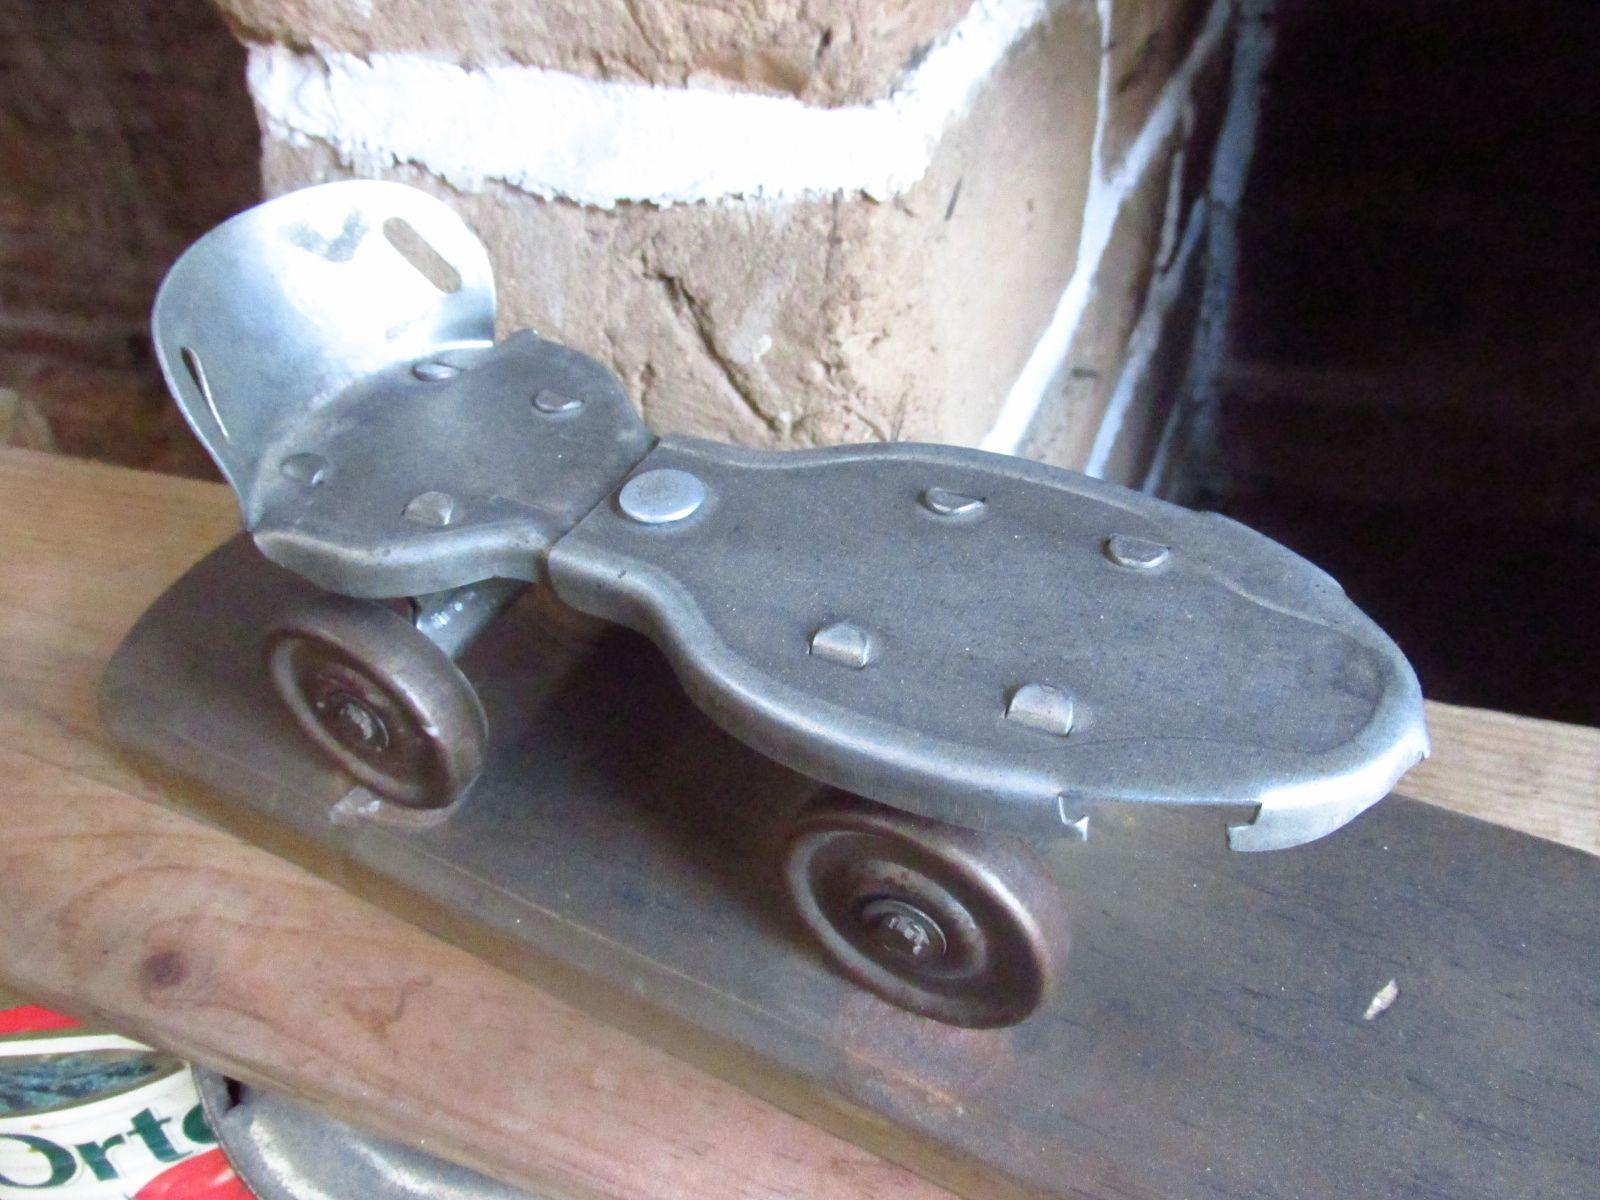 Creemos que este patín es de 1940 aproximadamente, es adaptable, uno de los primeros diseños en crearse. ¿Cual es tu versión? Cuentanos más si sabes de este patín...